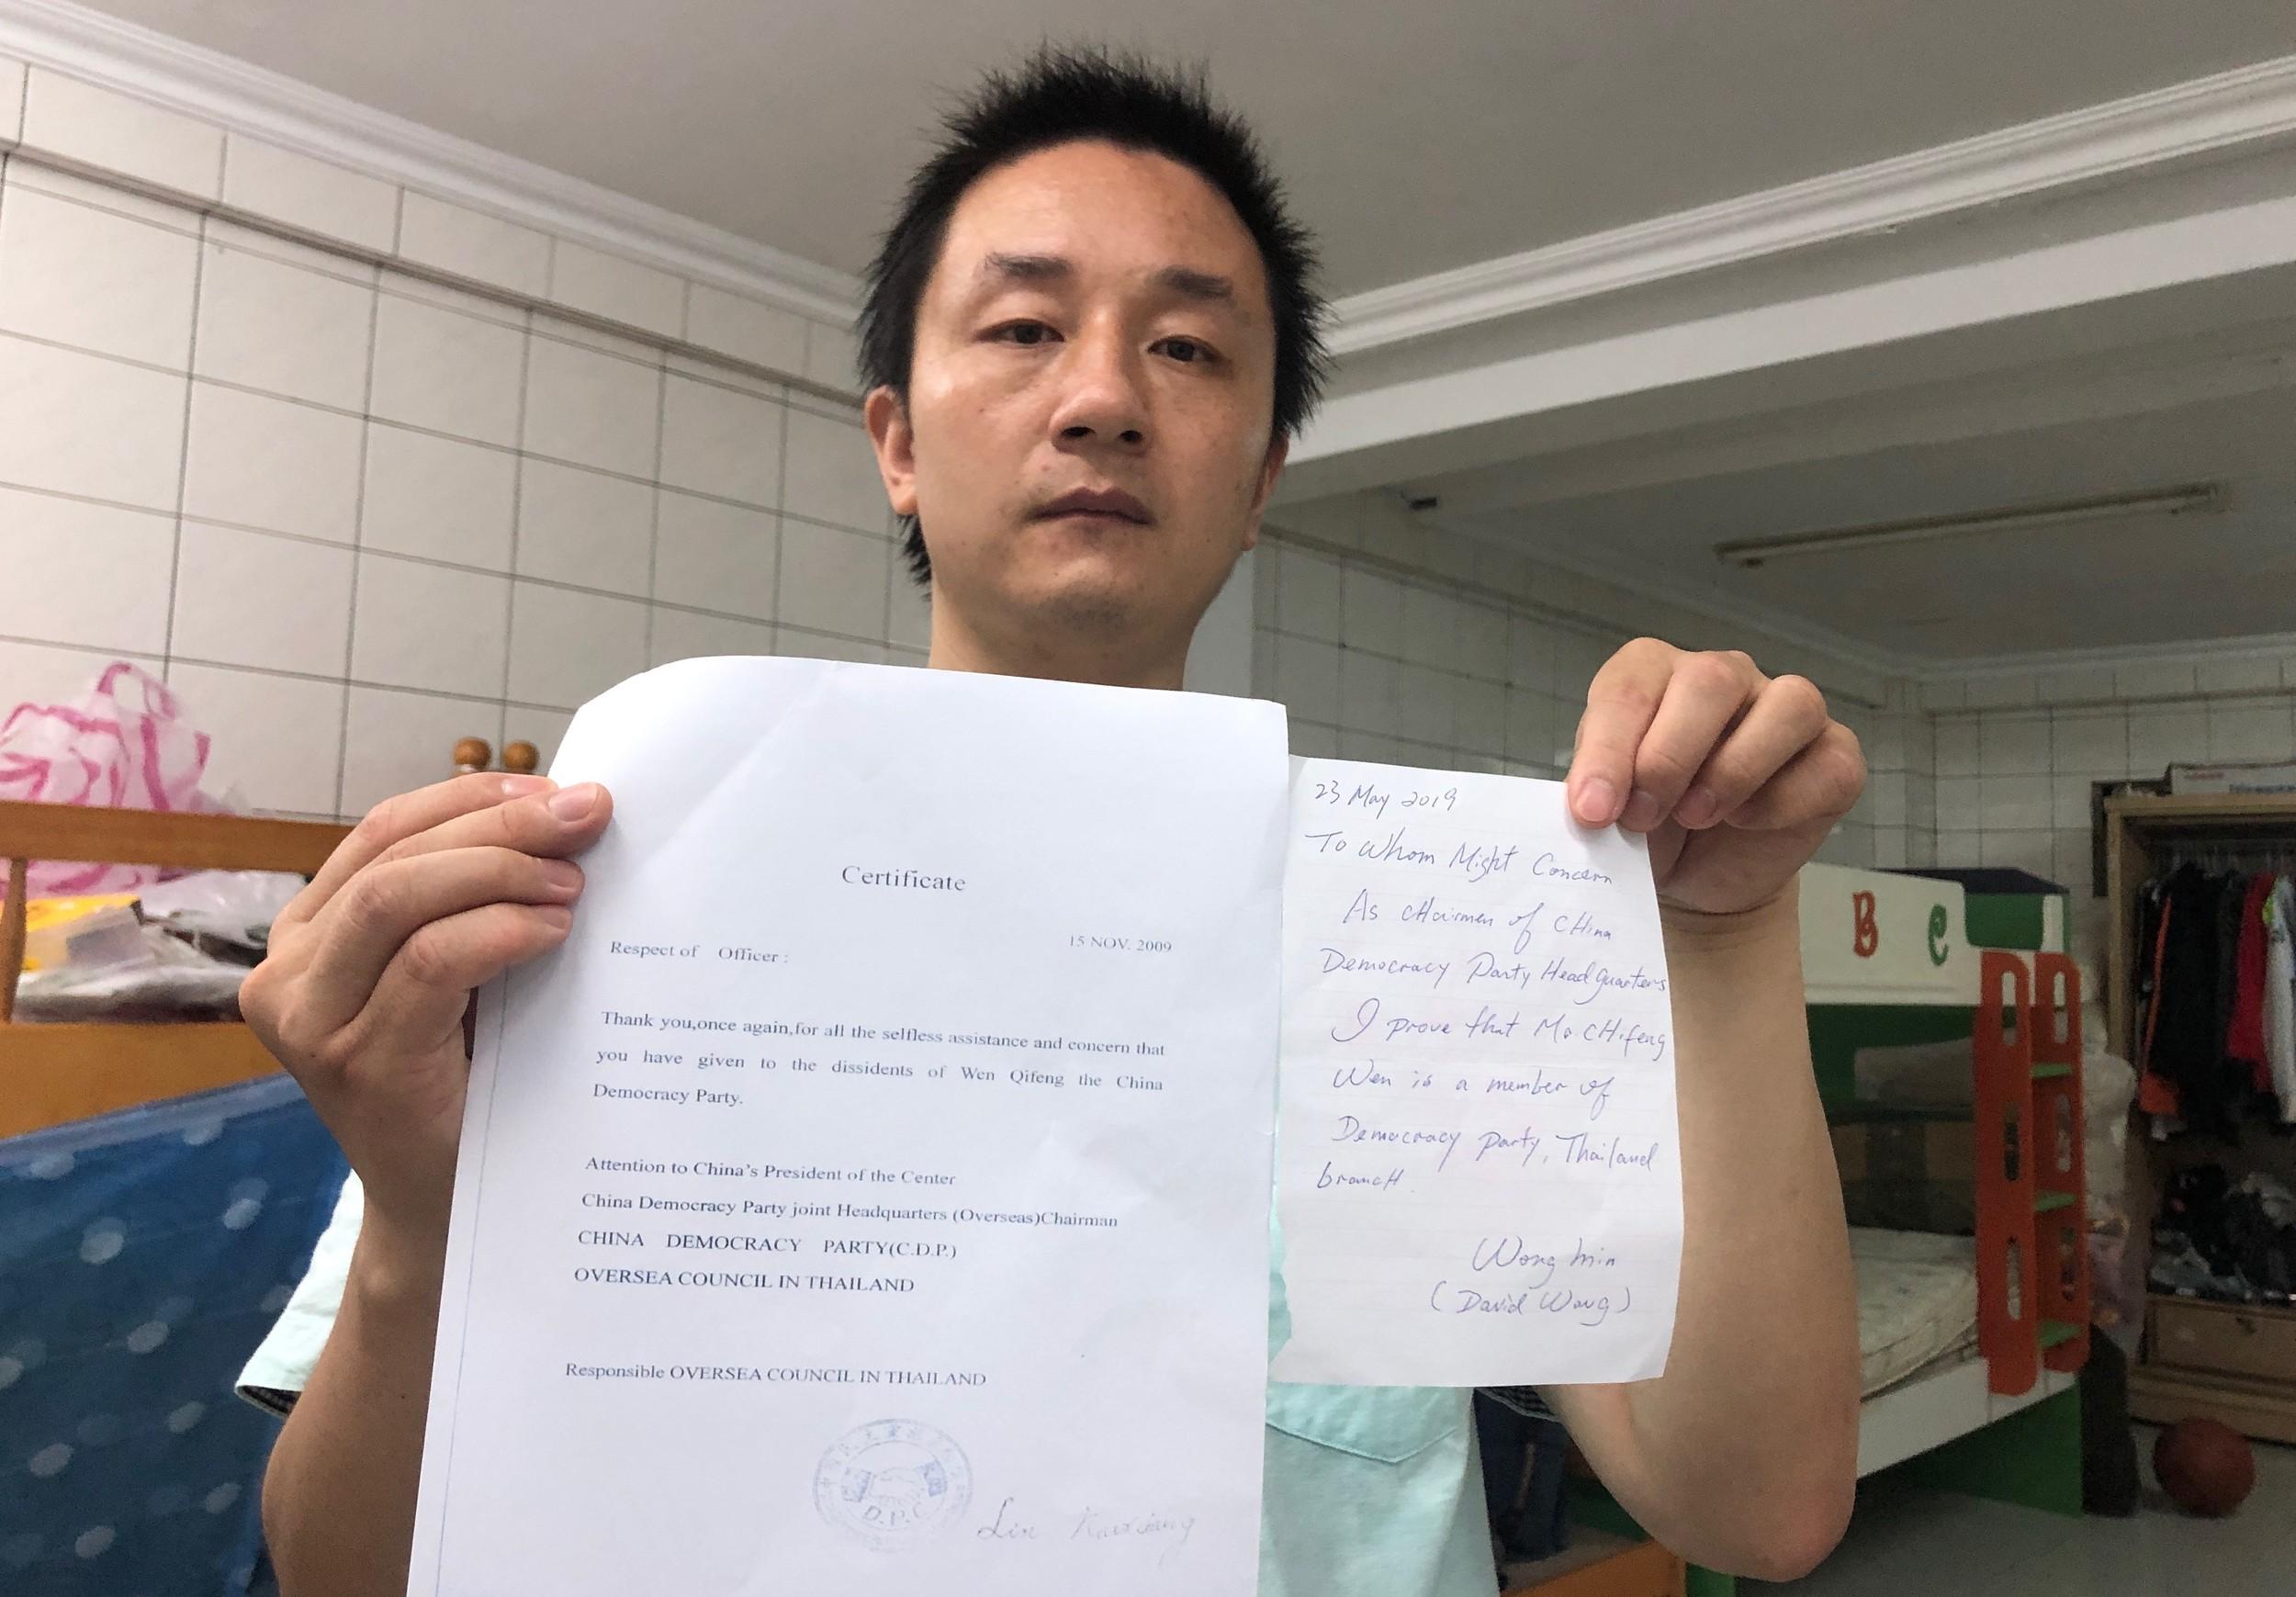 温起锋拿出两份中国民主党证明他是该党党员的文件,他说他左手这张是该党主席汪岷手签的文件,他希望对他取得身分更有利。(记者夏小华摄)